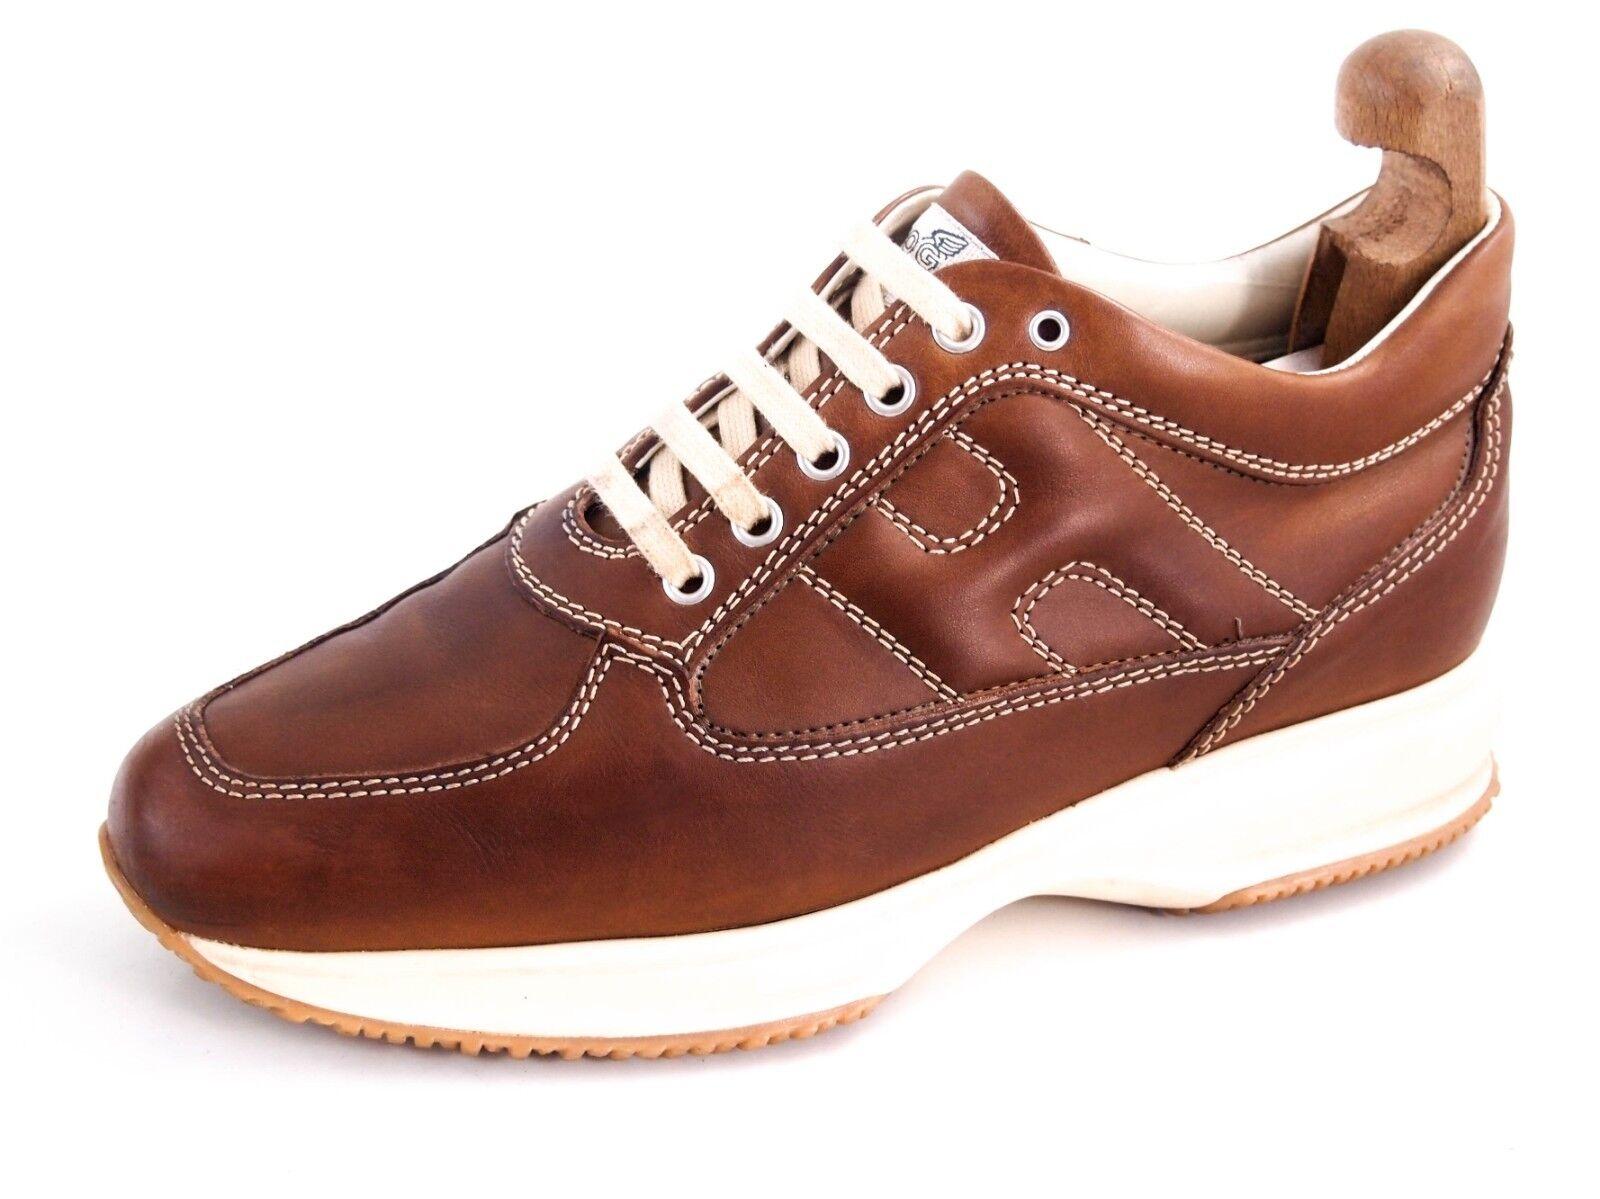 Hogan Zapatillas, Cuero Marrón, Zapato para Hombres Tamaño nos 8